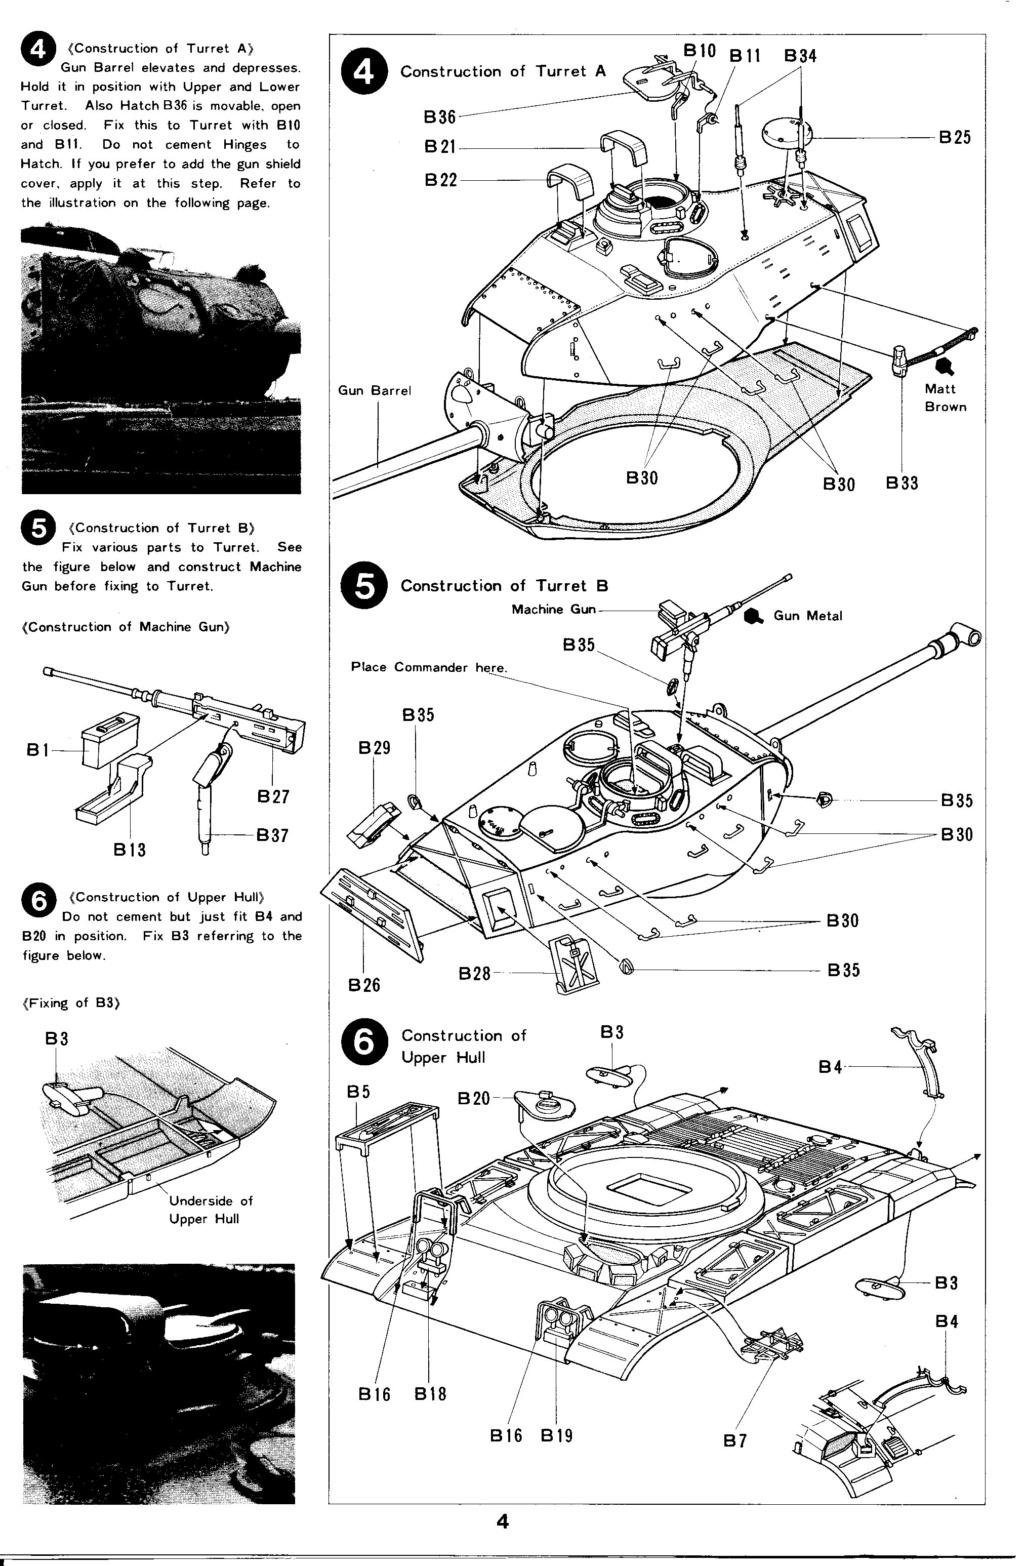 [TAMIYA] M41 WALKER BULLDOG  1/35 - REF : 35055 - NOTICE Maque357